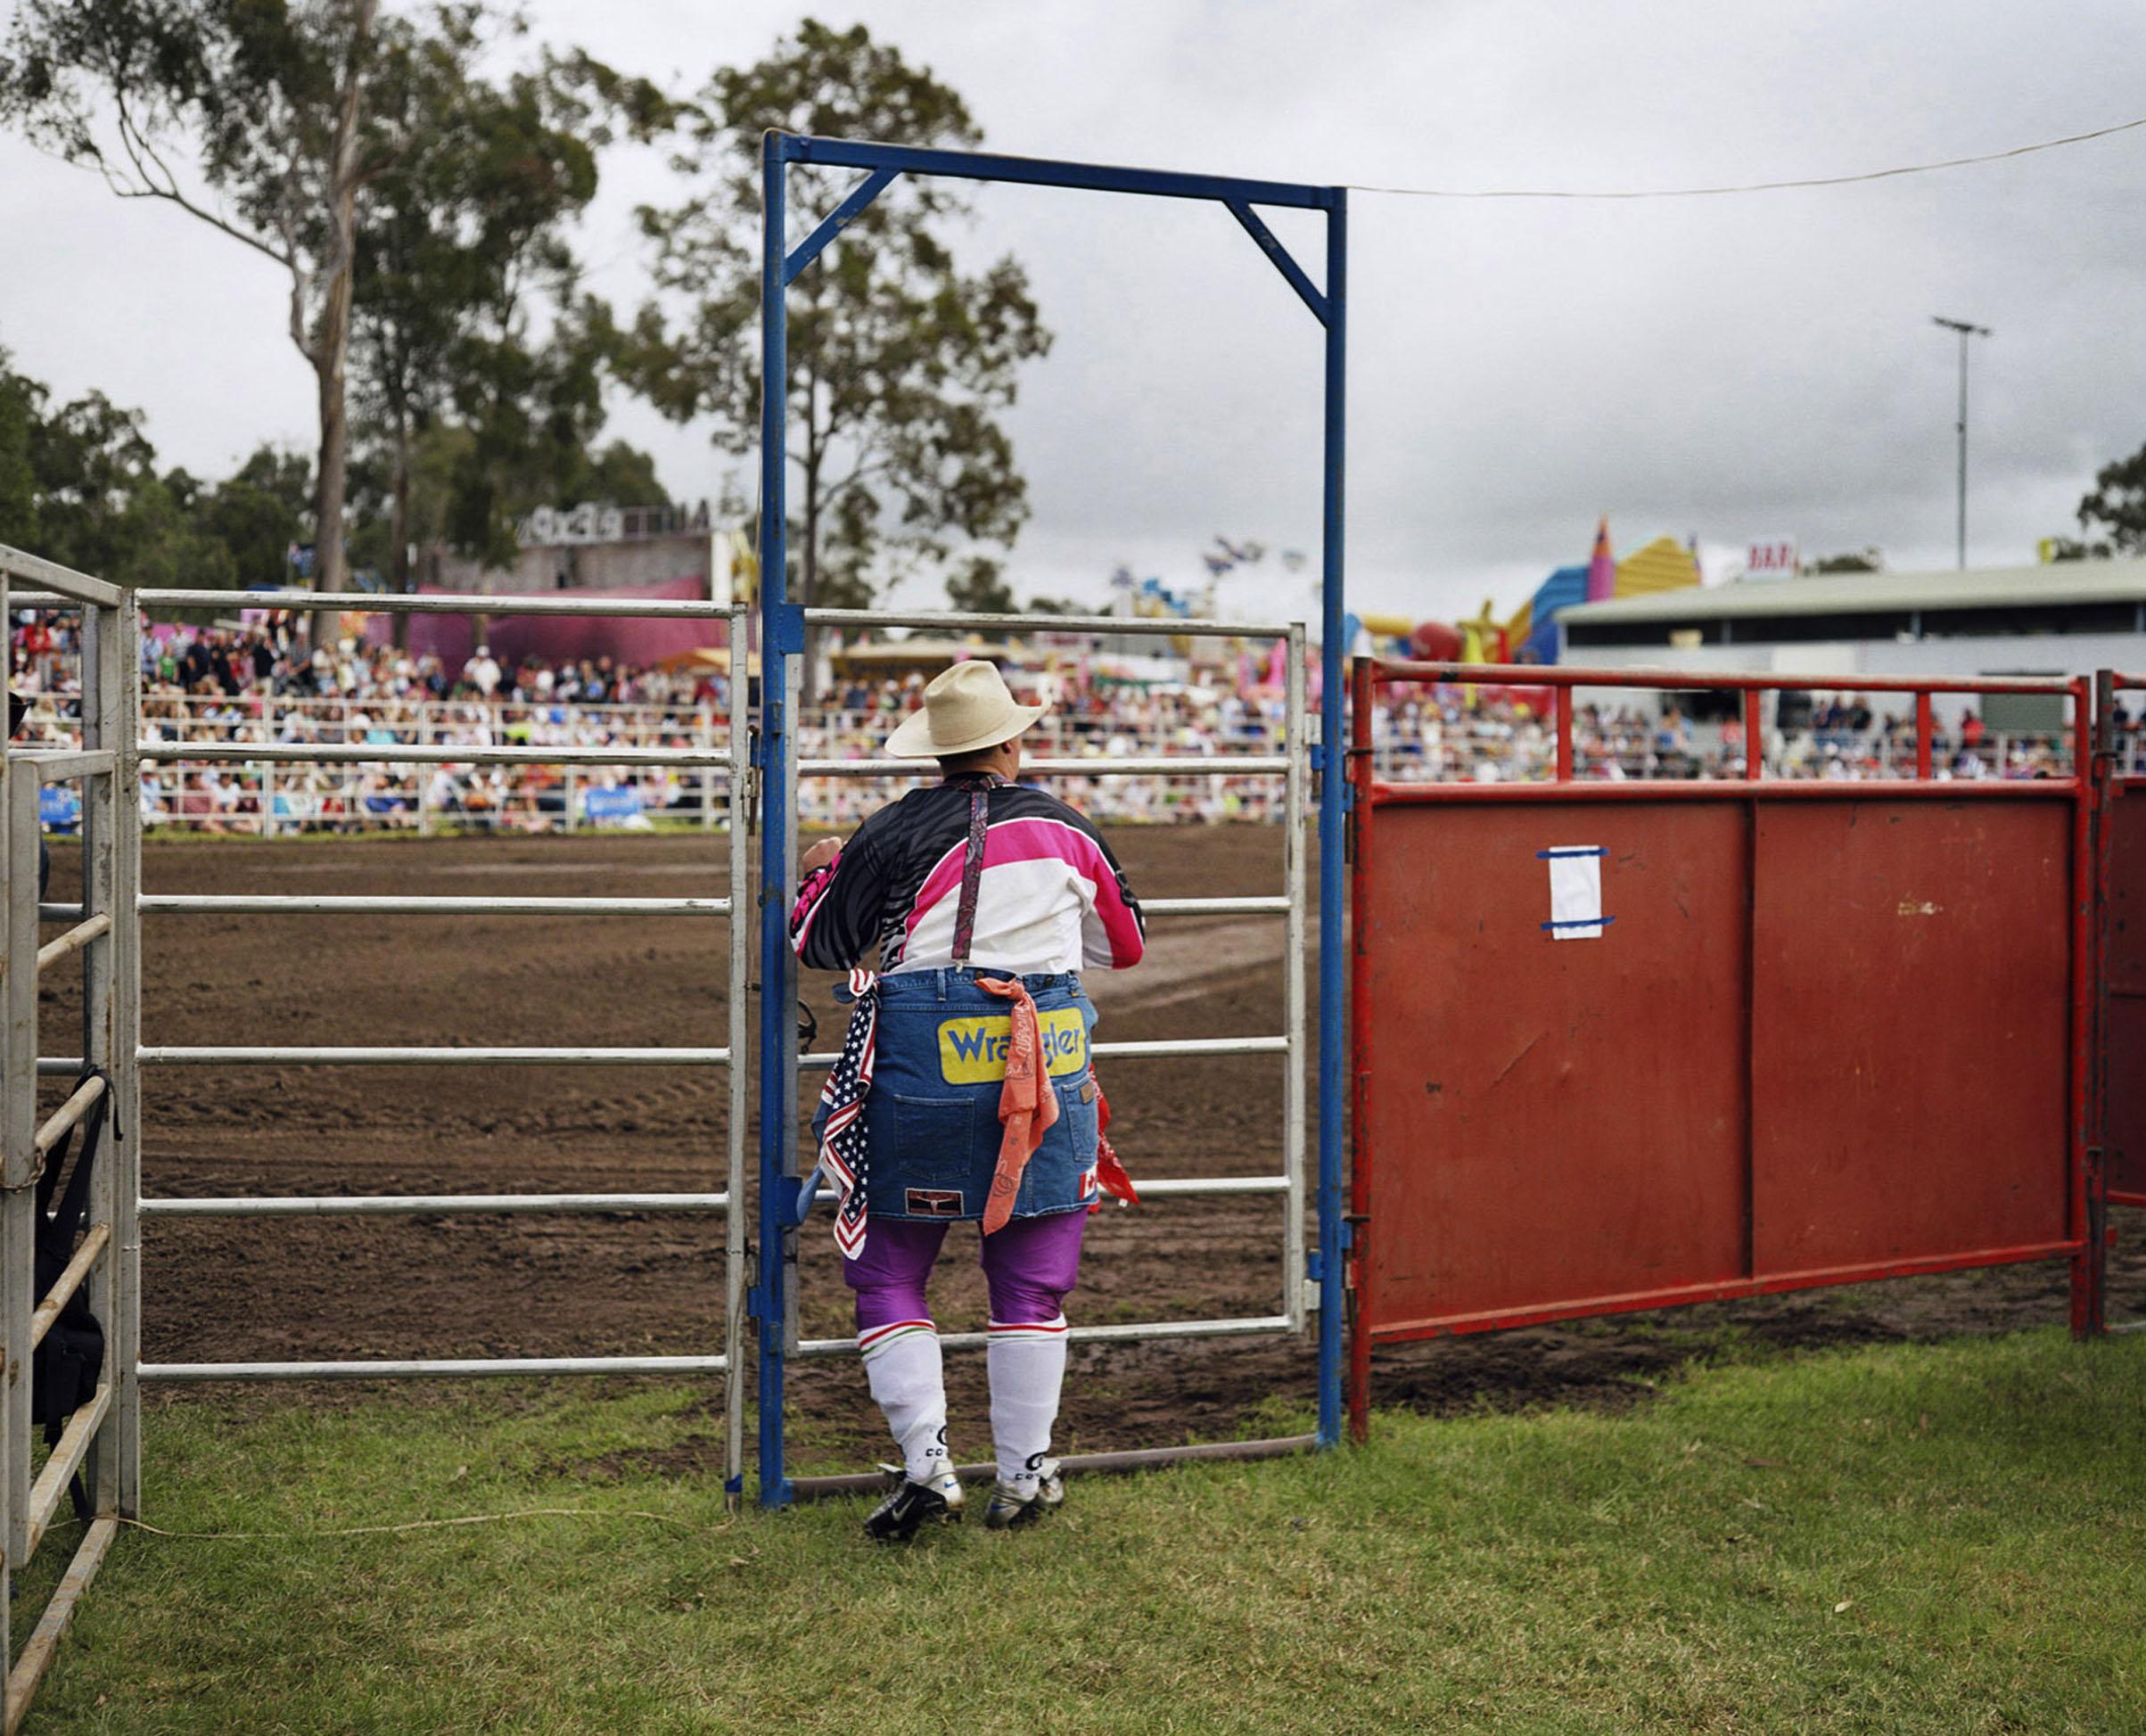 Ein Cowboy in Brisbane, AustralienCopyright :ZDF / © Wim Wenders/Wenders Images